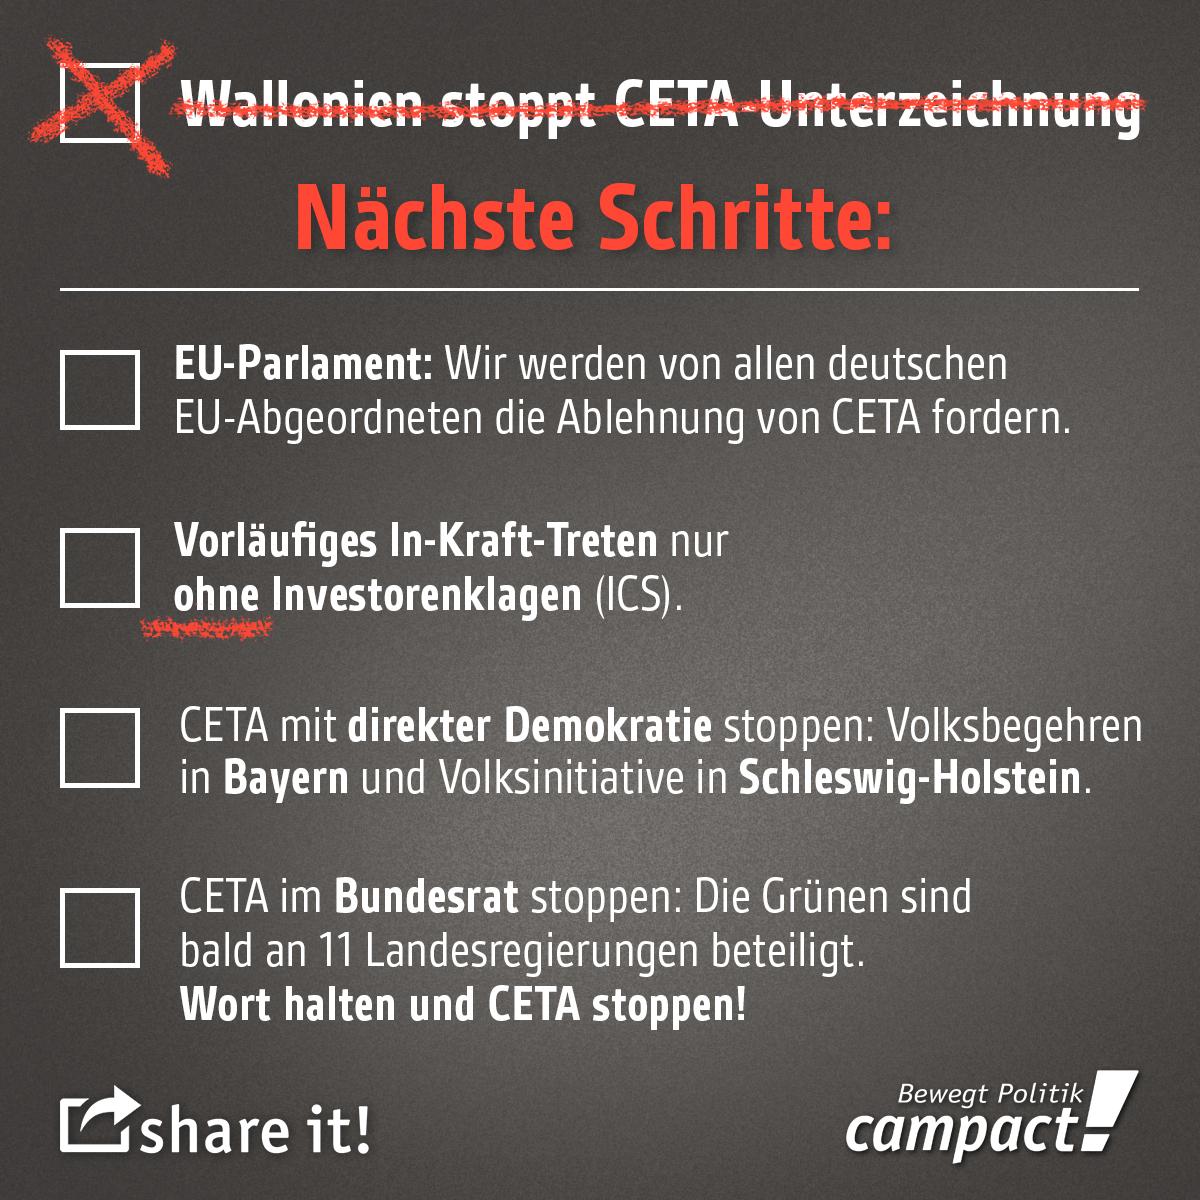 So geht es mit CETA weiter. Grafik: Zitrusblau/campact (CC)